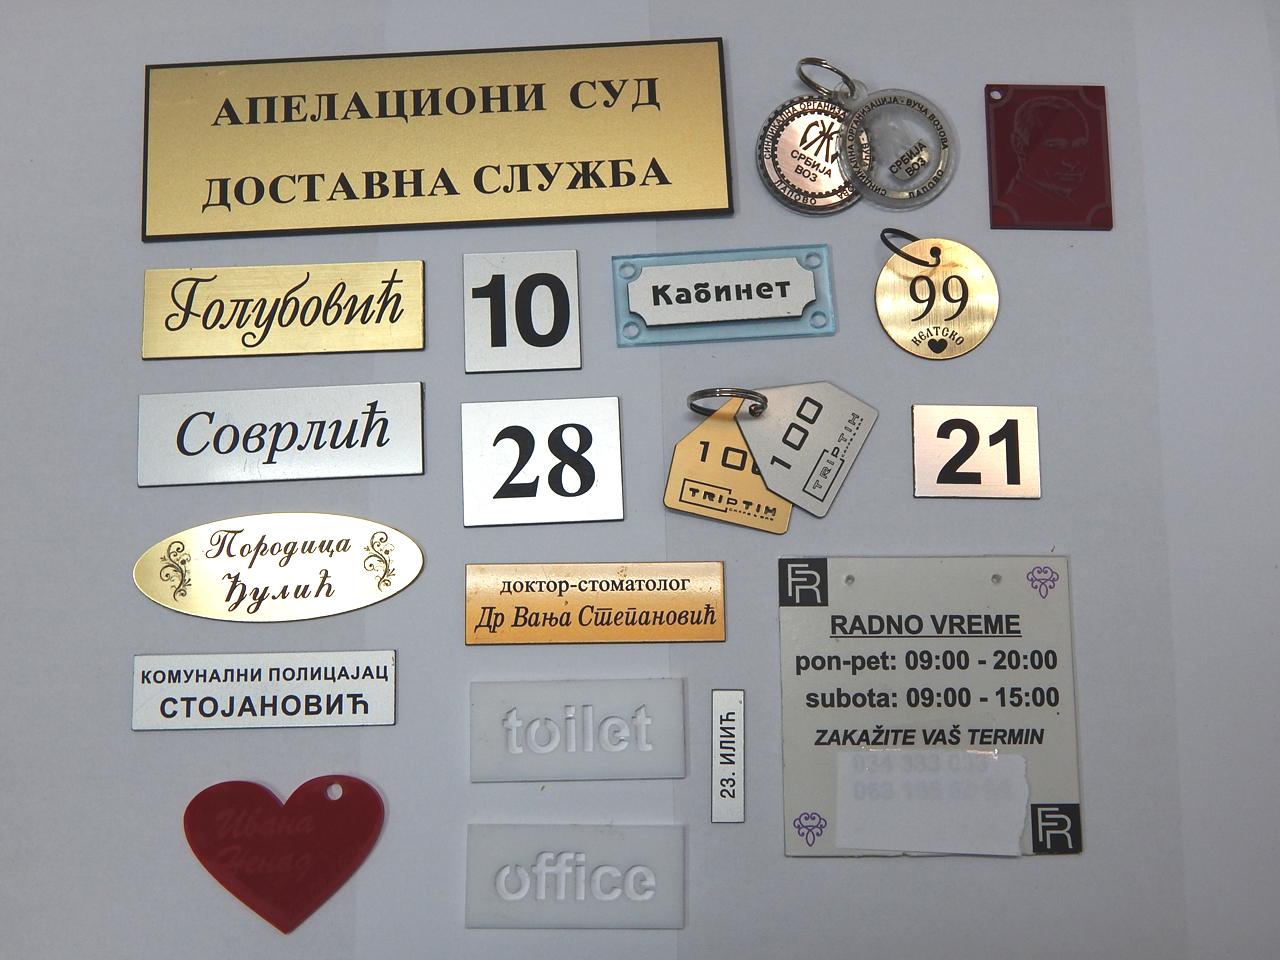 SEZAM KLJUČEVI Fotokopirnice Kragujevac